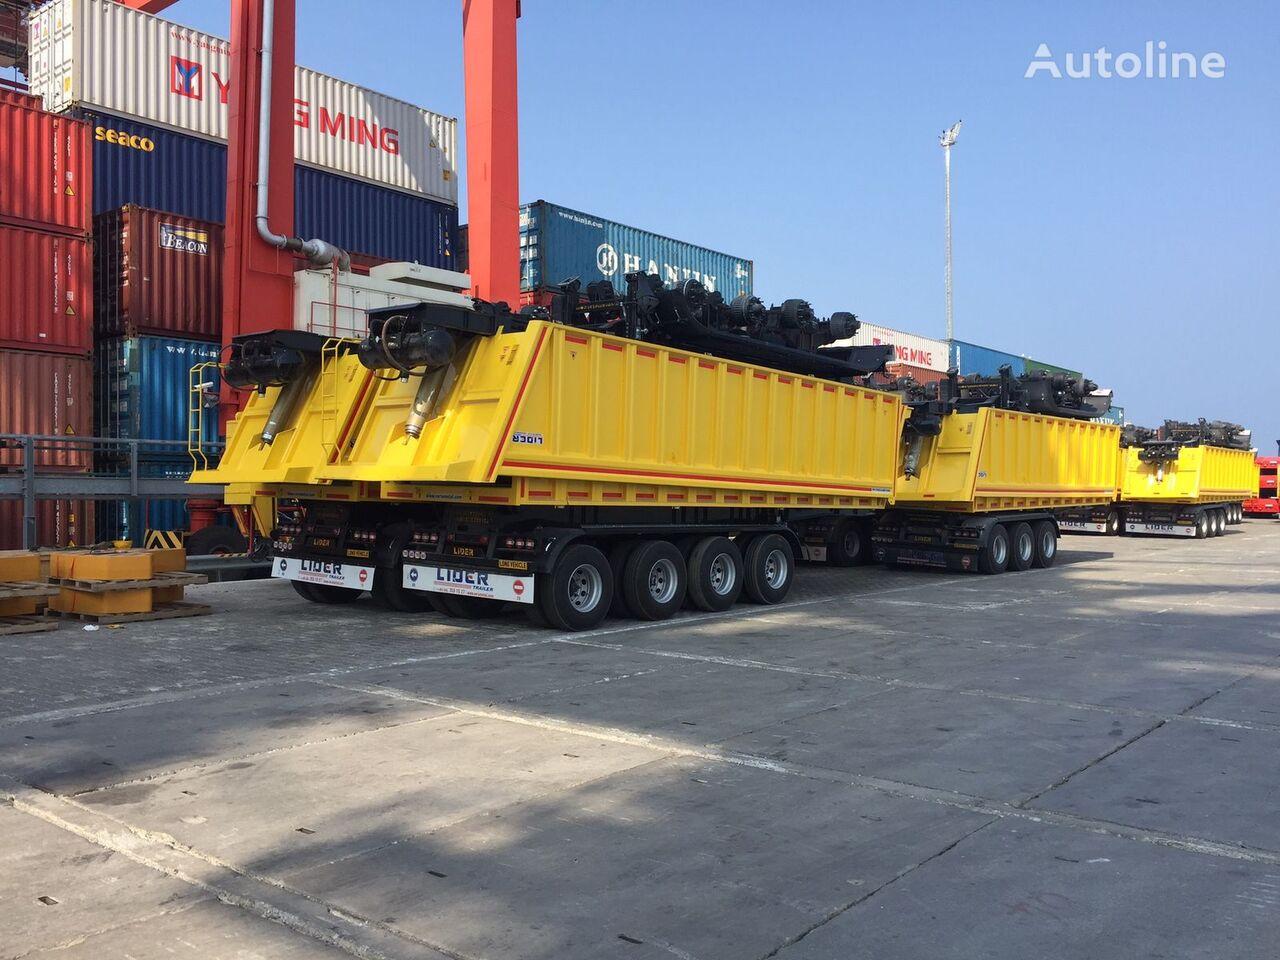 جديدة العربات نصف المقطورة شاحنة قلابة LIDER 2019  new dumper from manufacturer company LIDER TRAILER